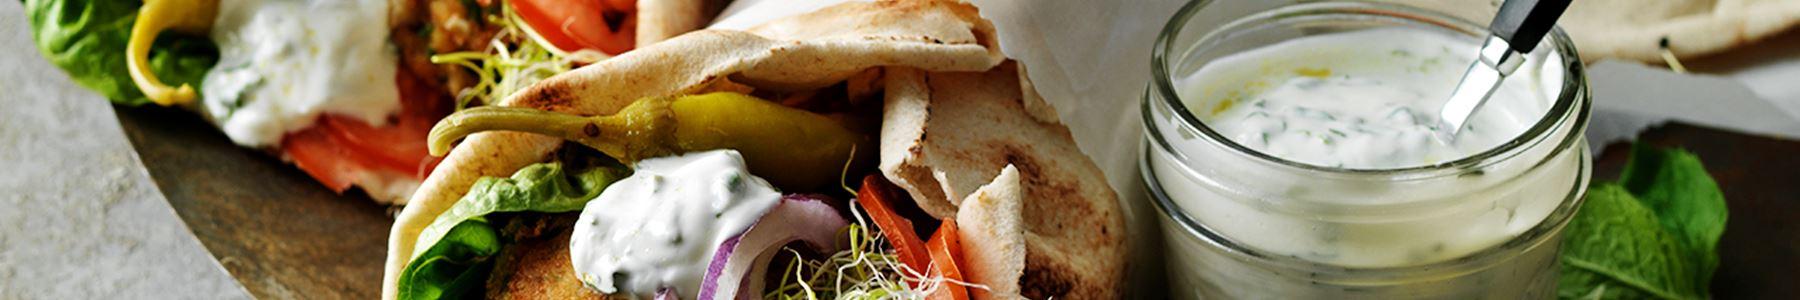 Vegetarisk + Gula ärter + Huvudrätt + Stekt